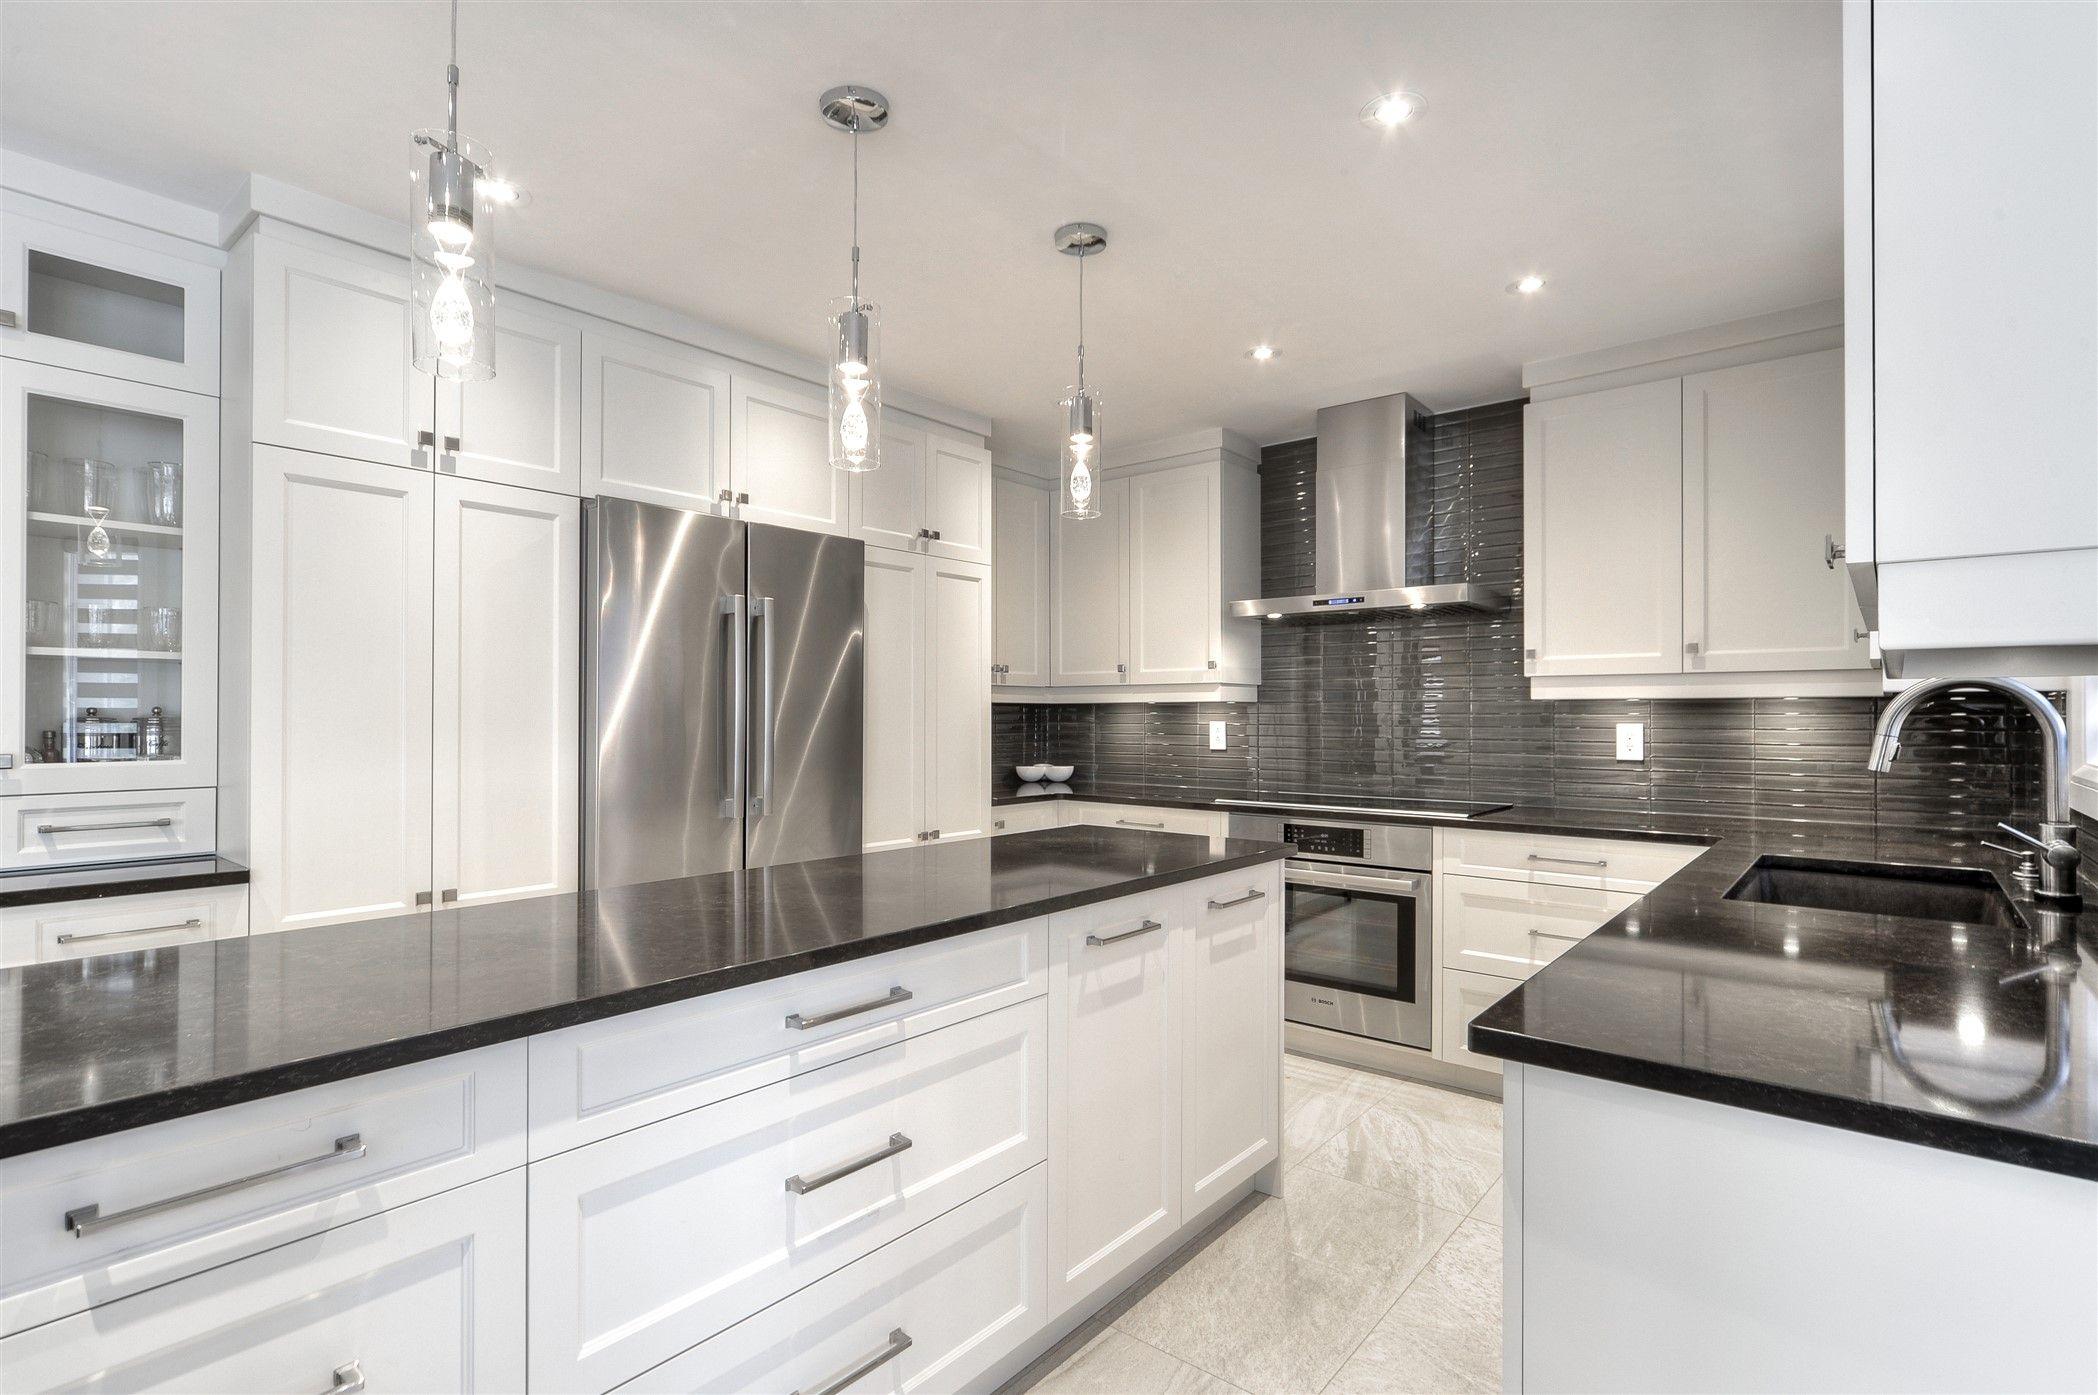 une cuisine enti rement r nov e de style moderne des. Black Bedroom Furniture Sets. Home Design Ideas